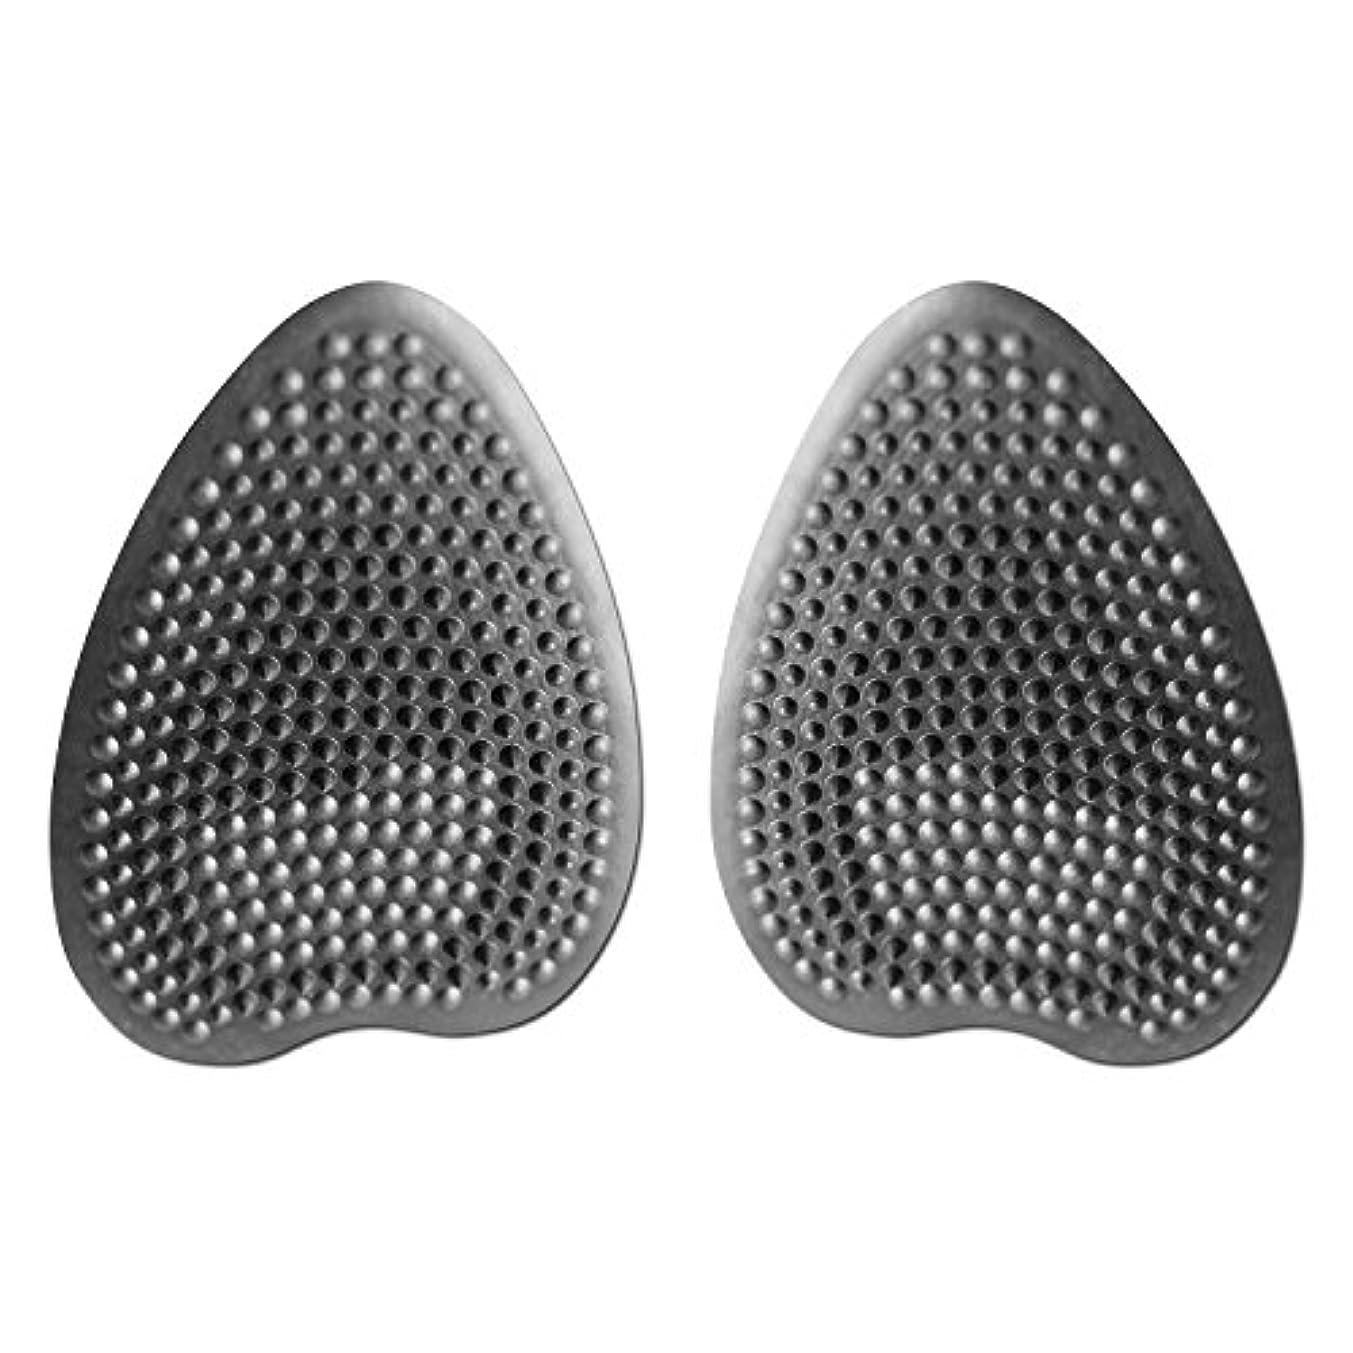 ワットケージヘルパーヘブンリーカーペット レディース(靴底用クッションパッド) ブラック